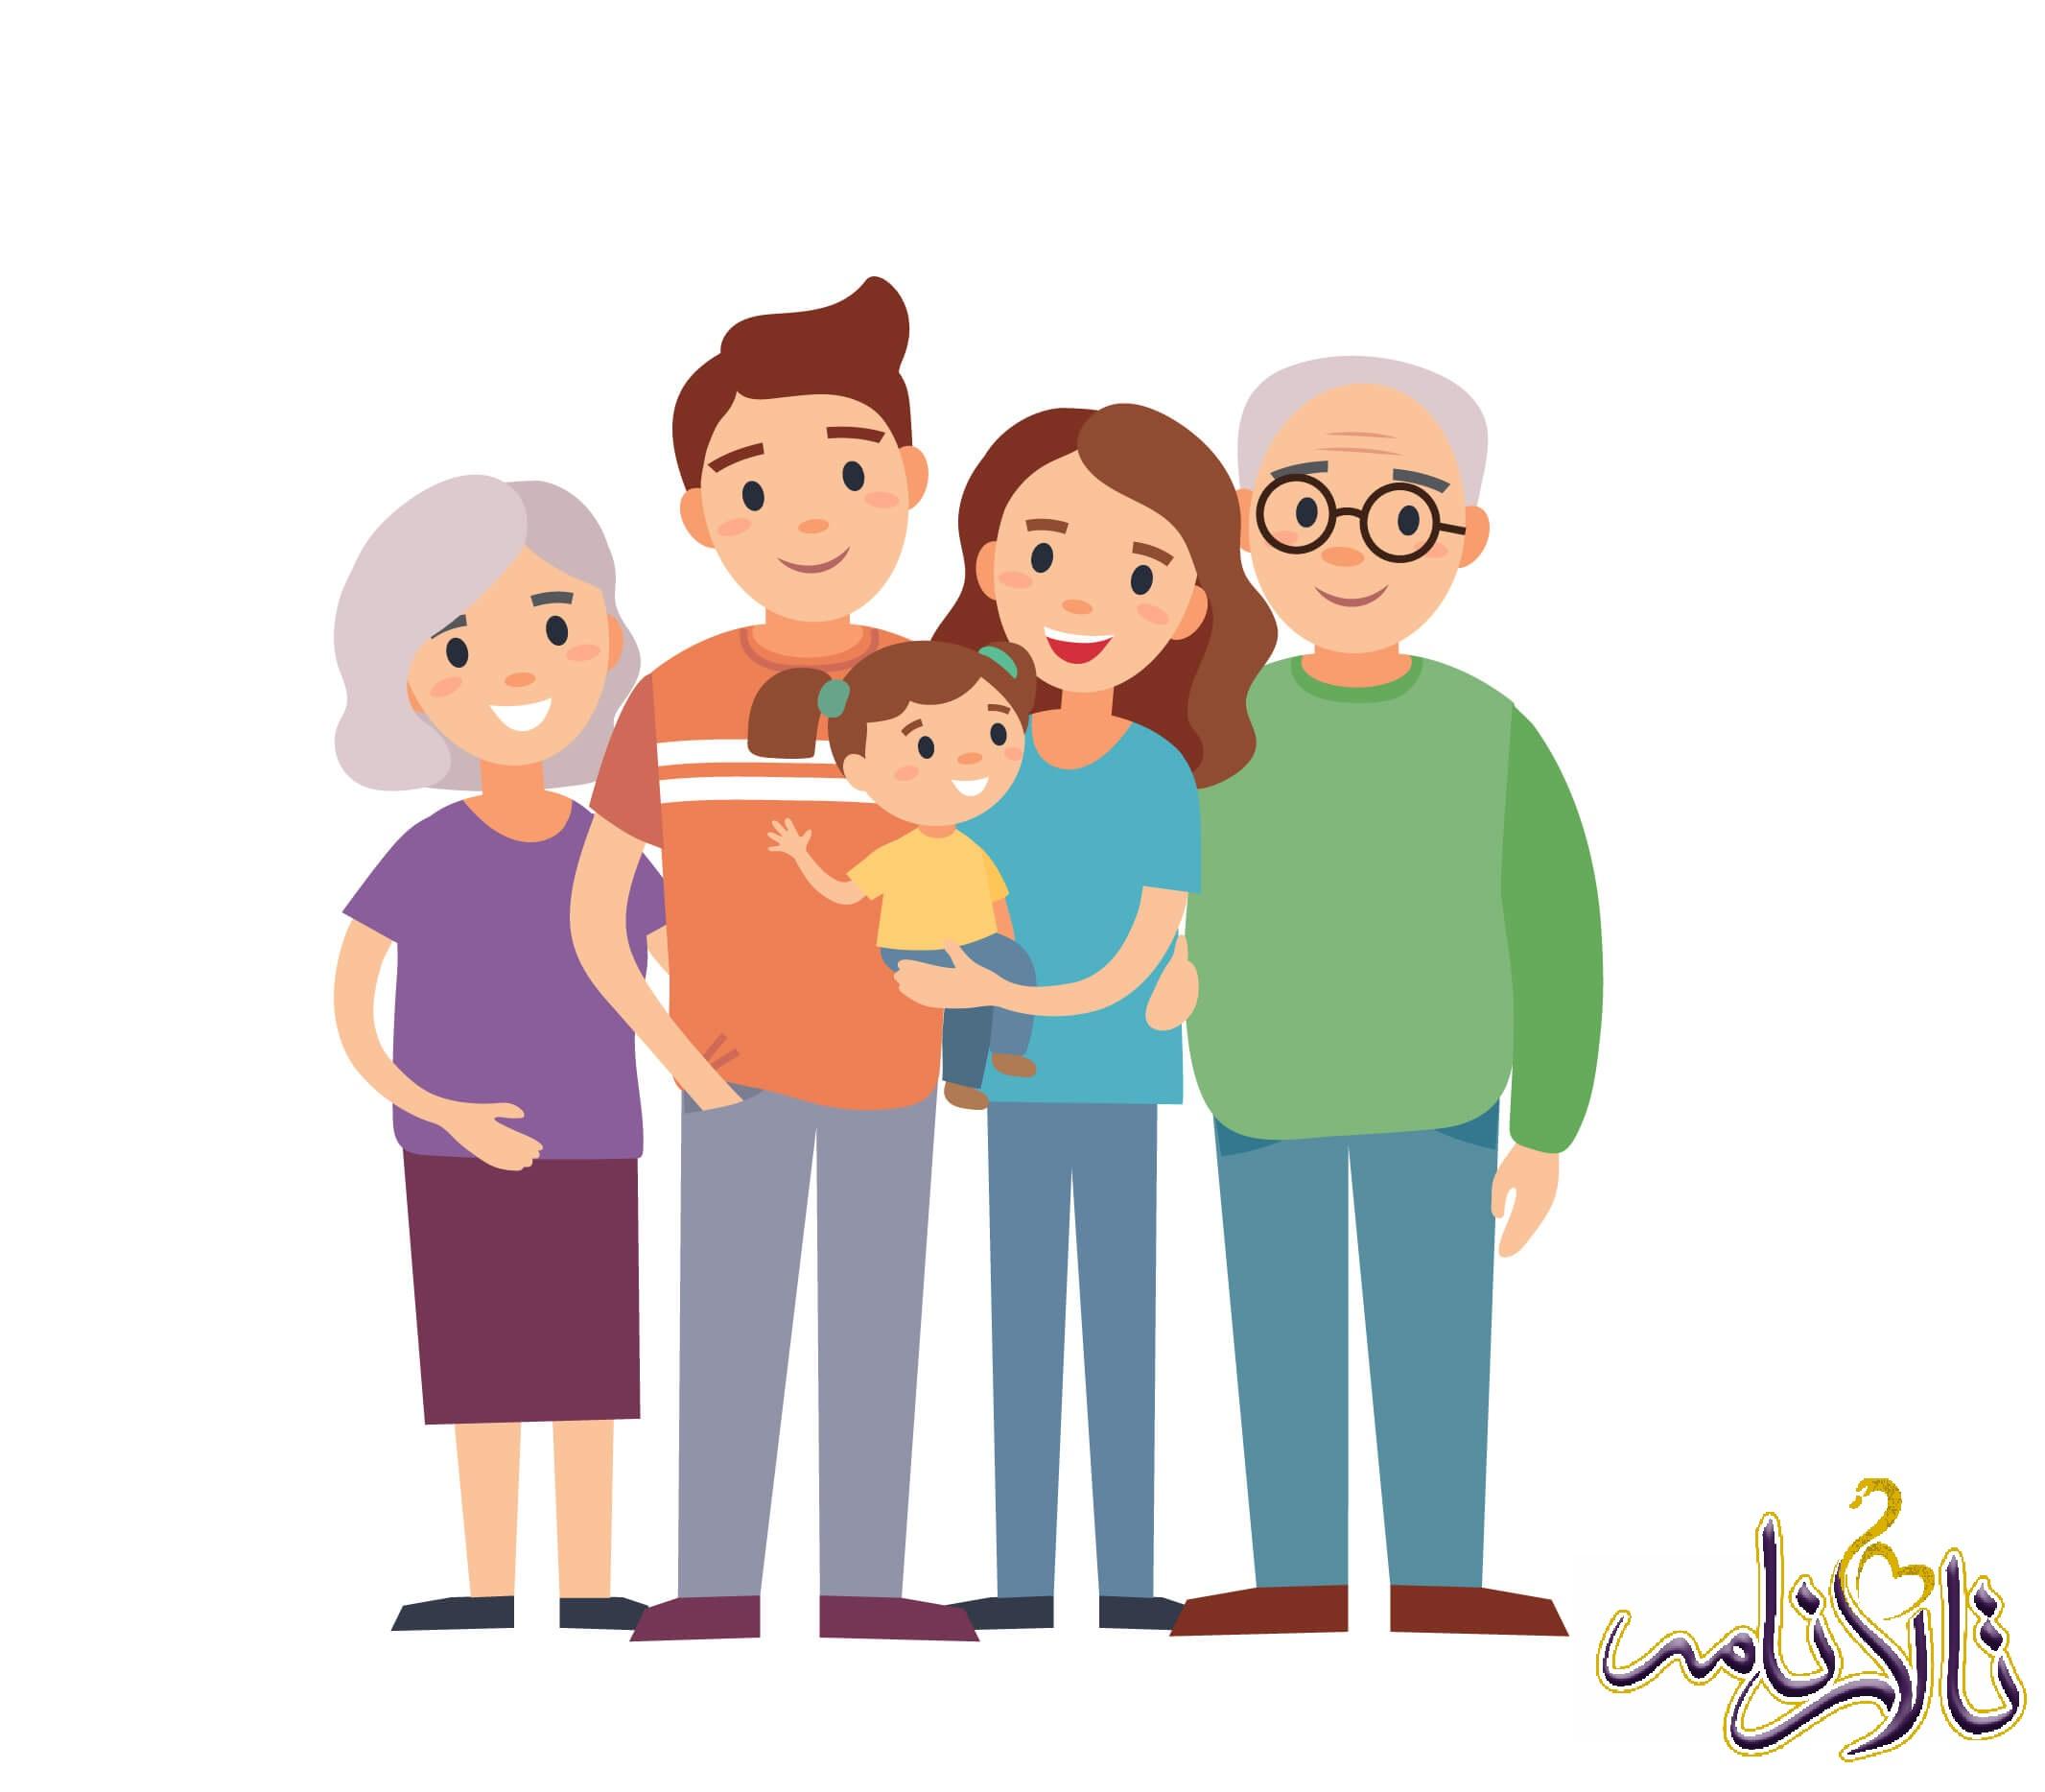 نقش پدر و مادر در ازدواج فرزندان